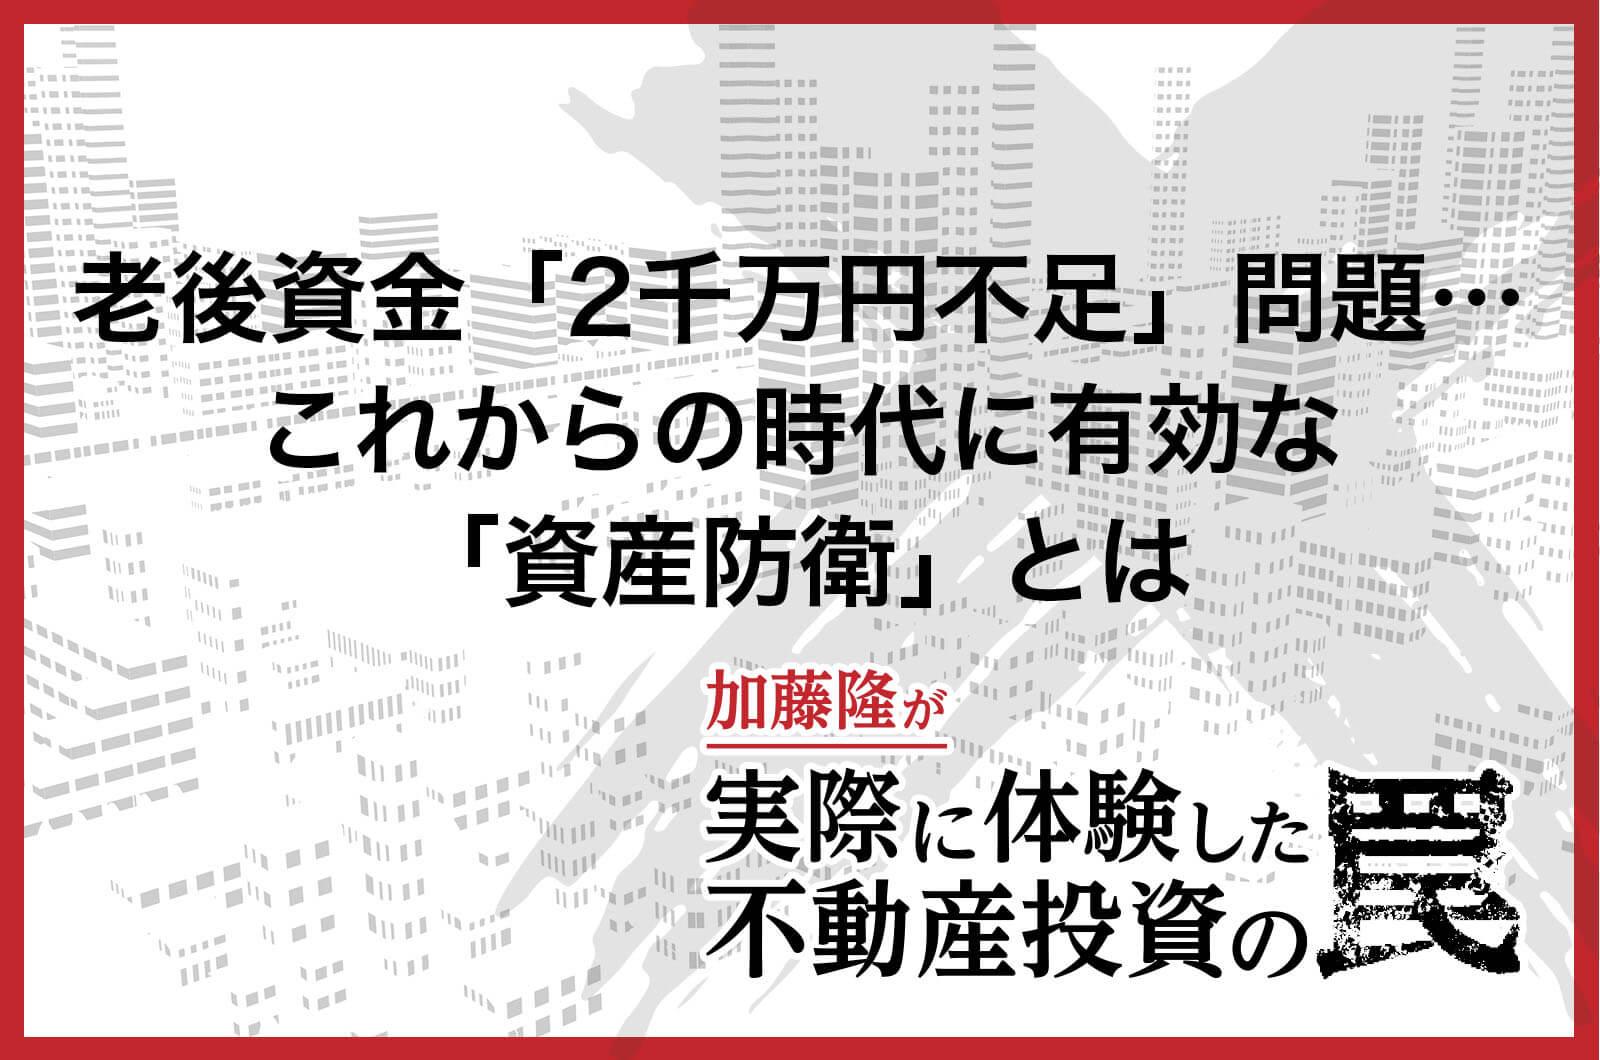 老後資金「2千万円不足」問題…これからの時代に有効な「資産防衛」とは